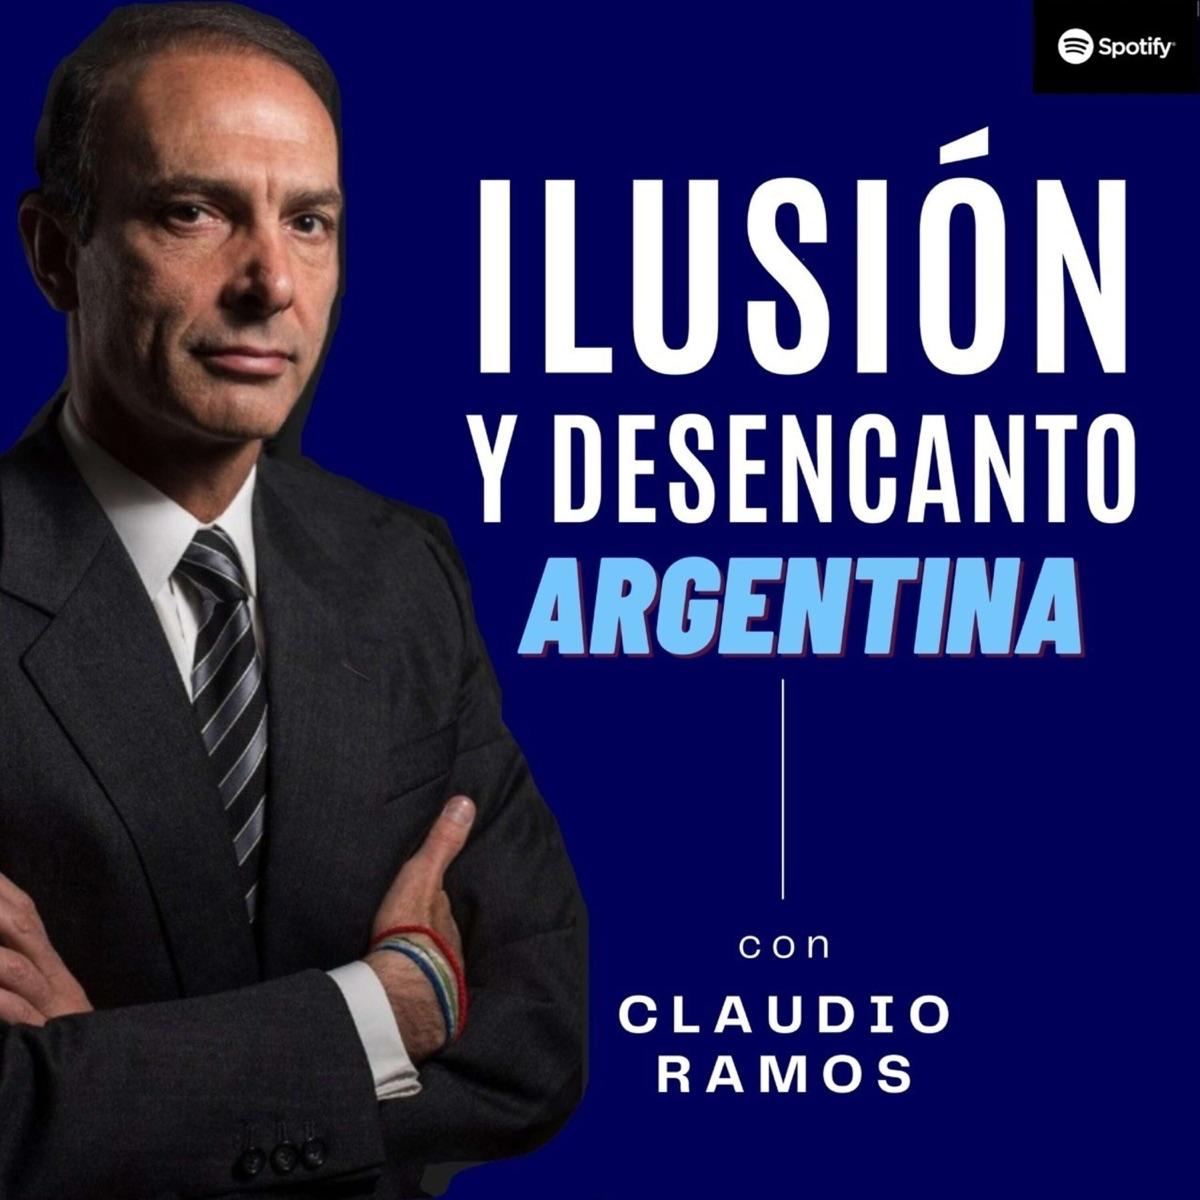 Ilusión y desencanto, Argentina